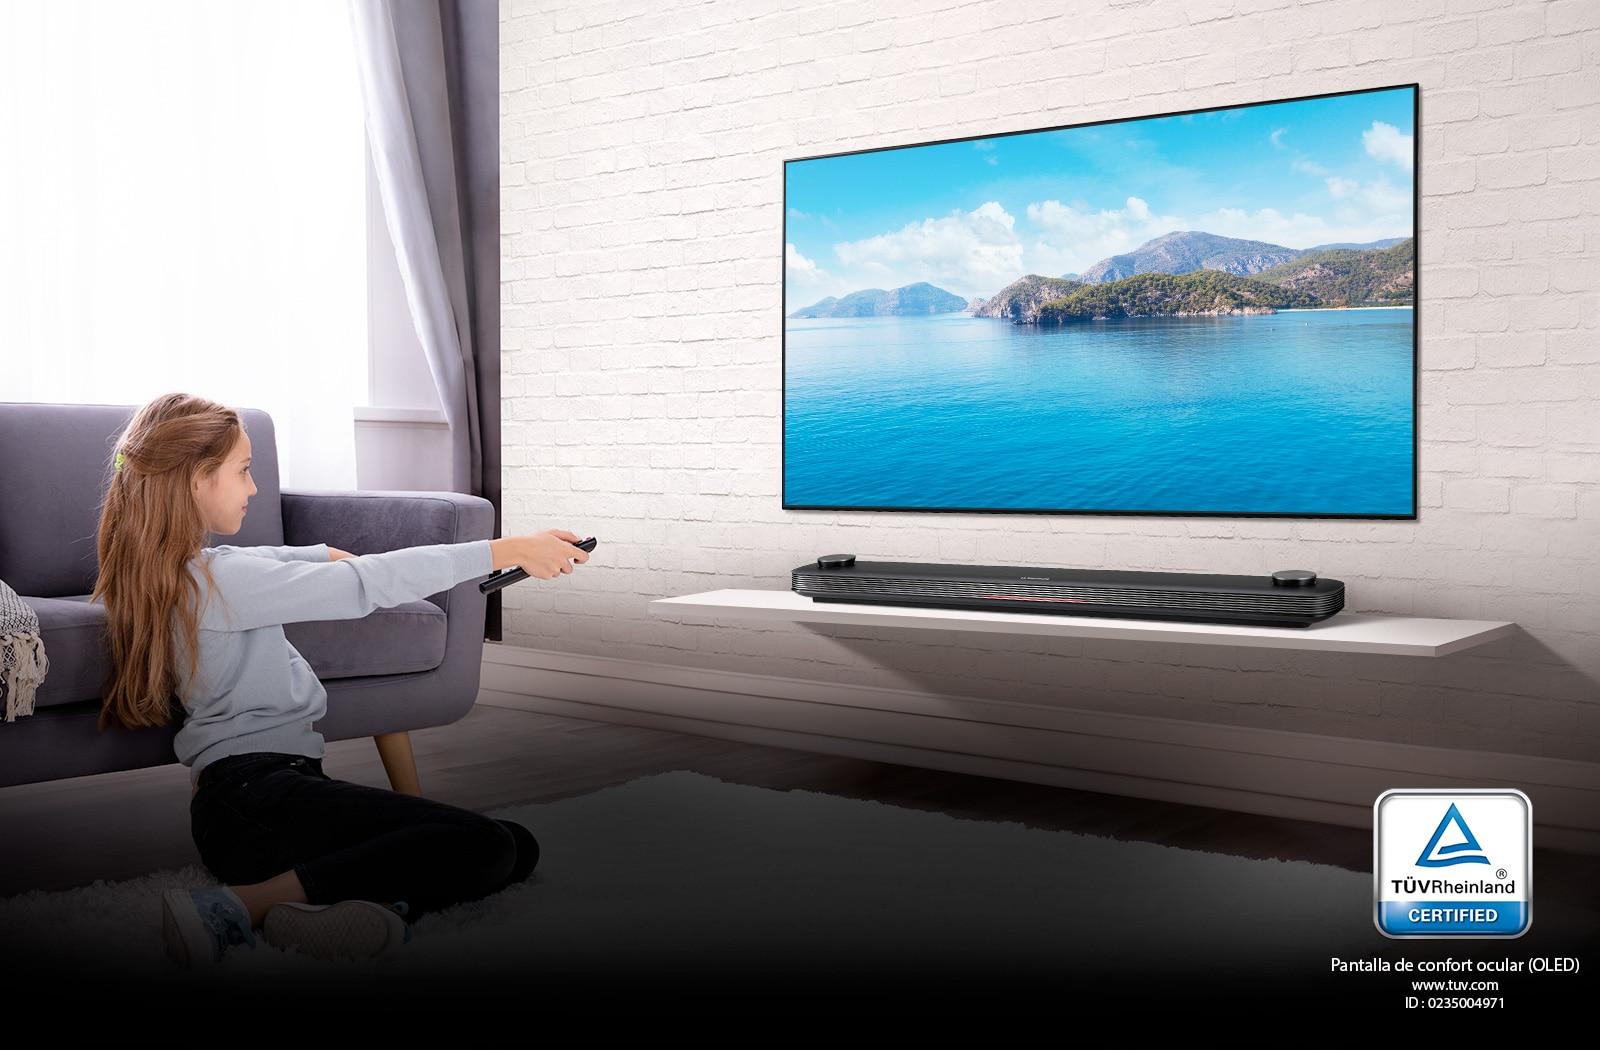 Disfrute de un TV certificado por TÜV Rheinland1